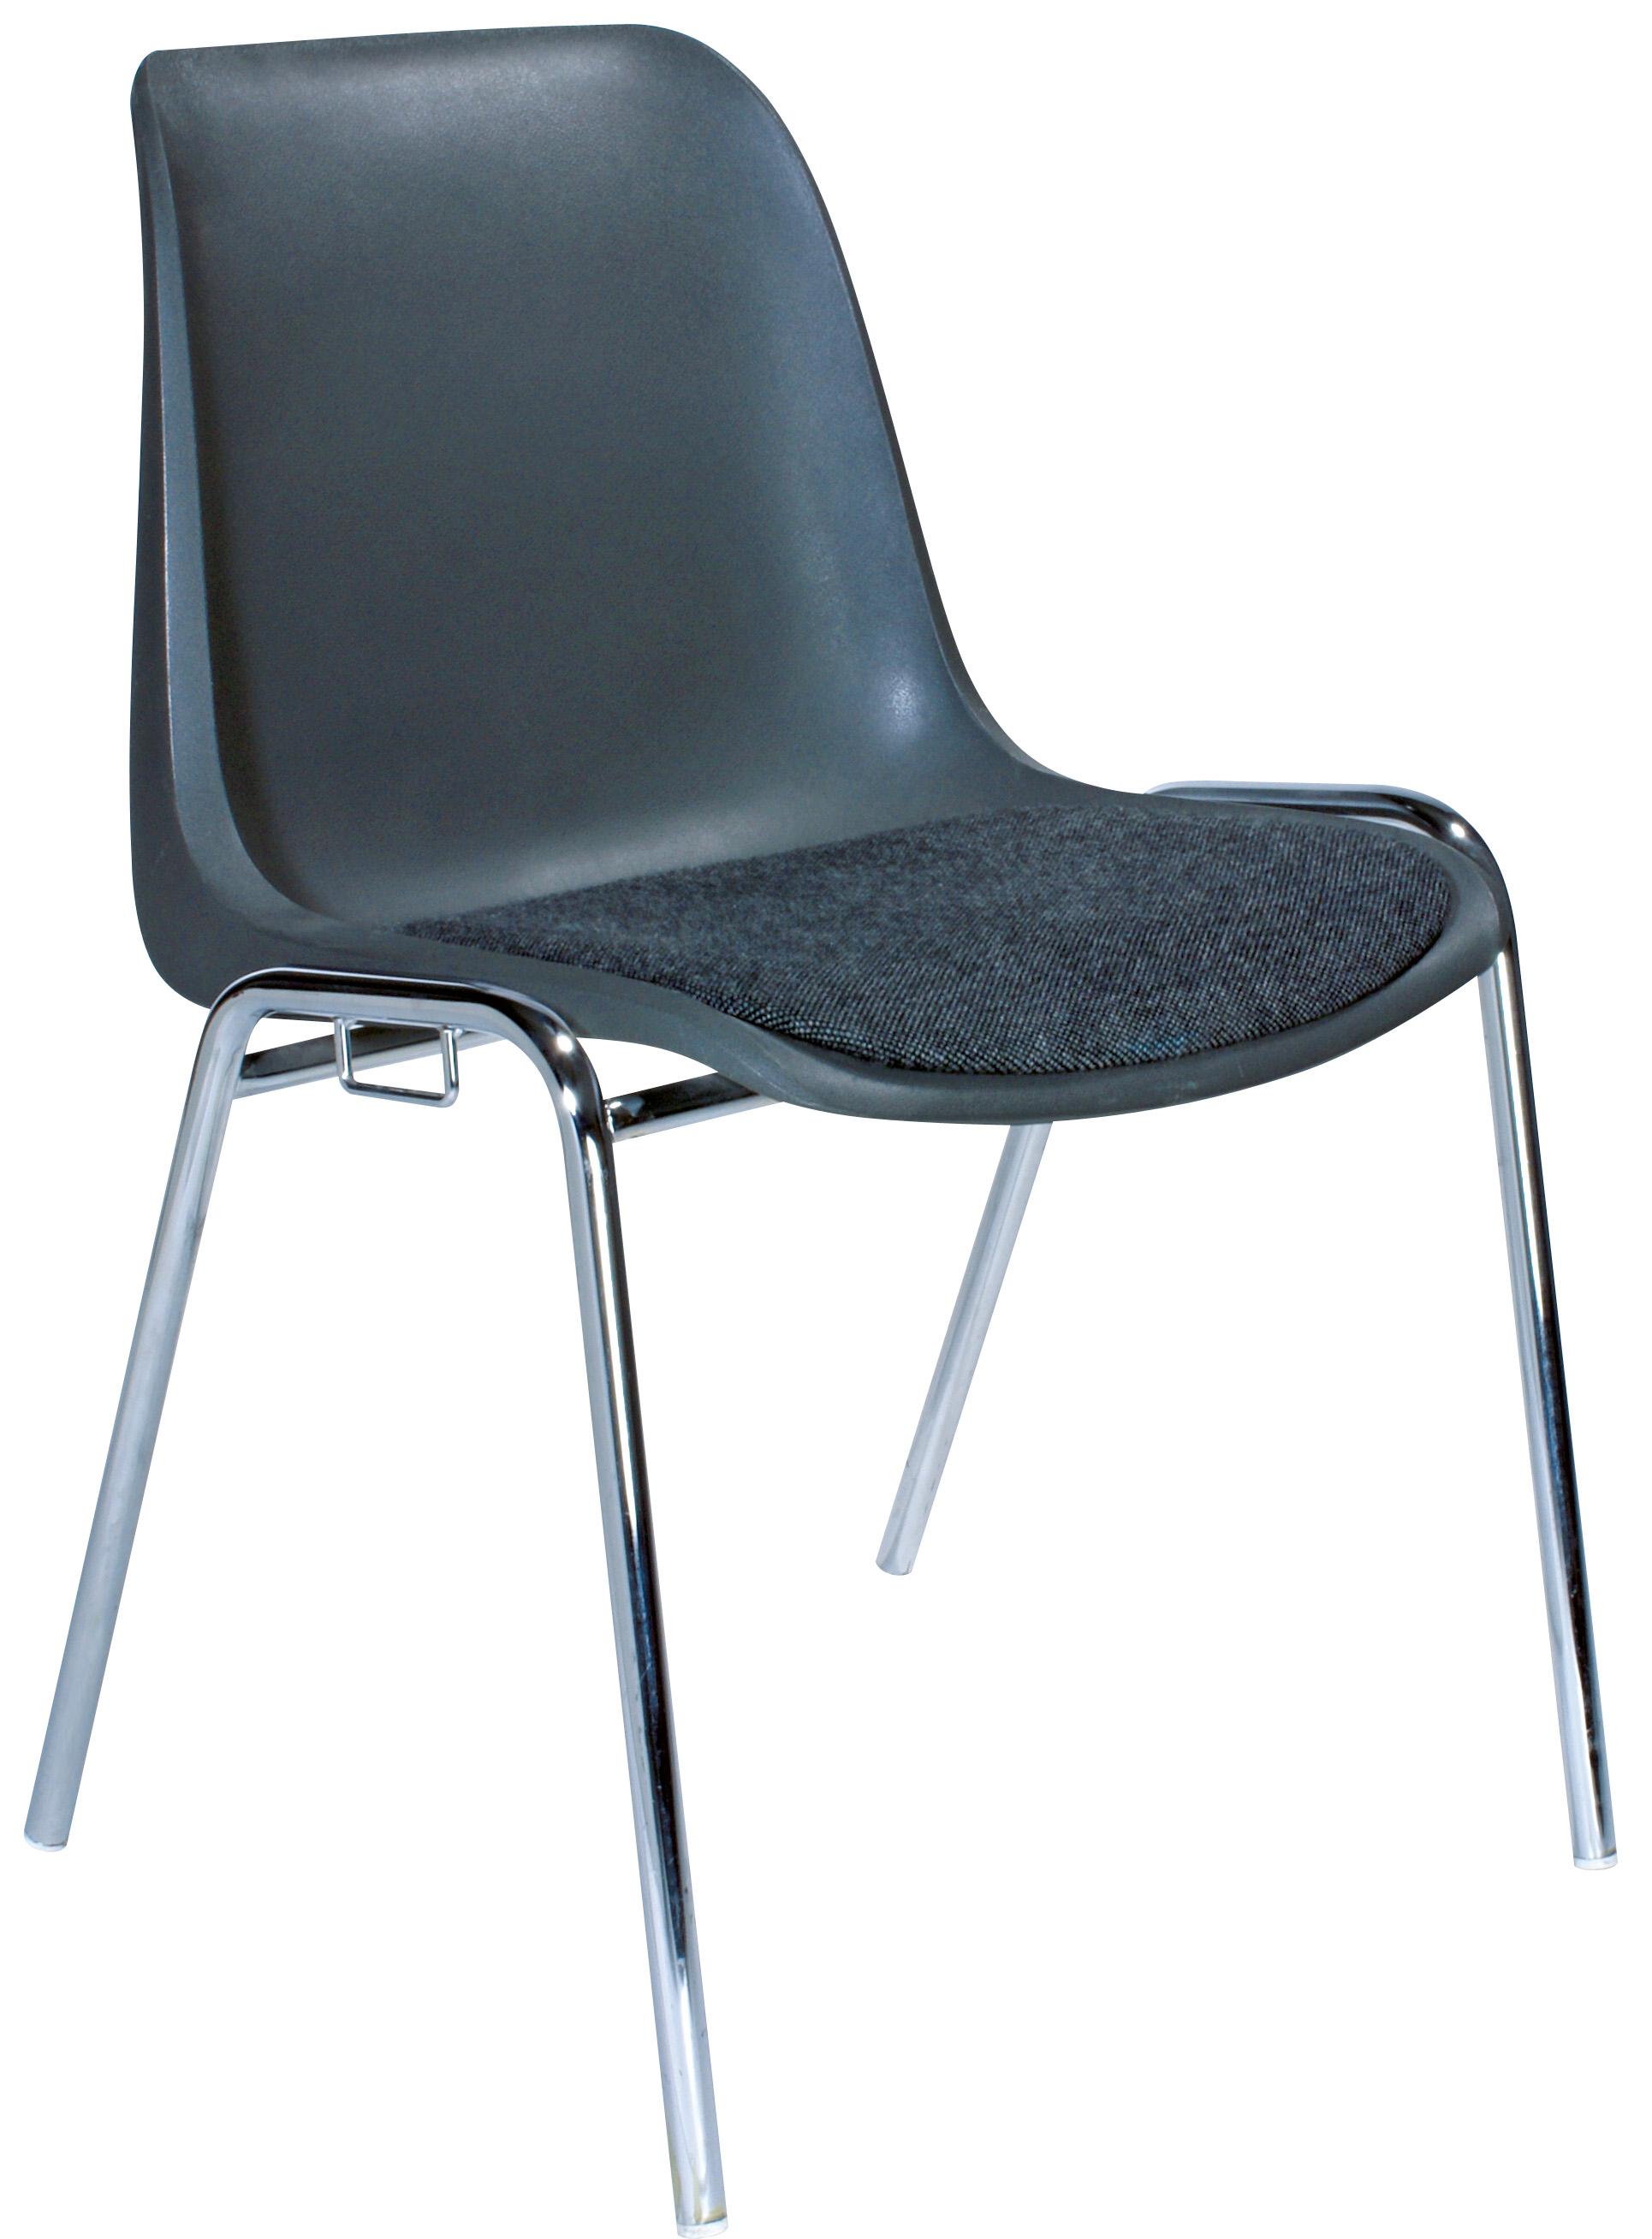 Reihenstühle (gepolstert, mit Reihenverbinder) im 10er-Set, ideal als Seminar-Stühle für Besprechung, Versammlung, Bankett, Kantine (schwarz / anthrazit)